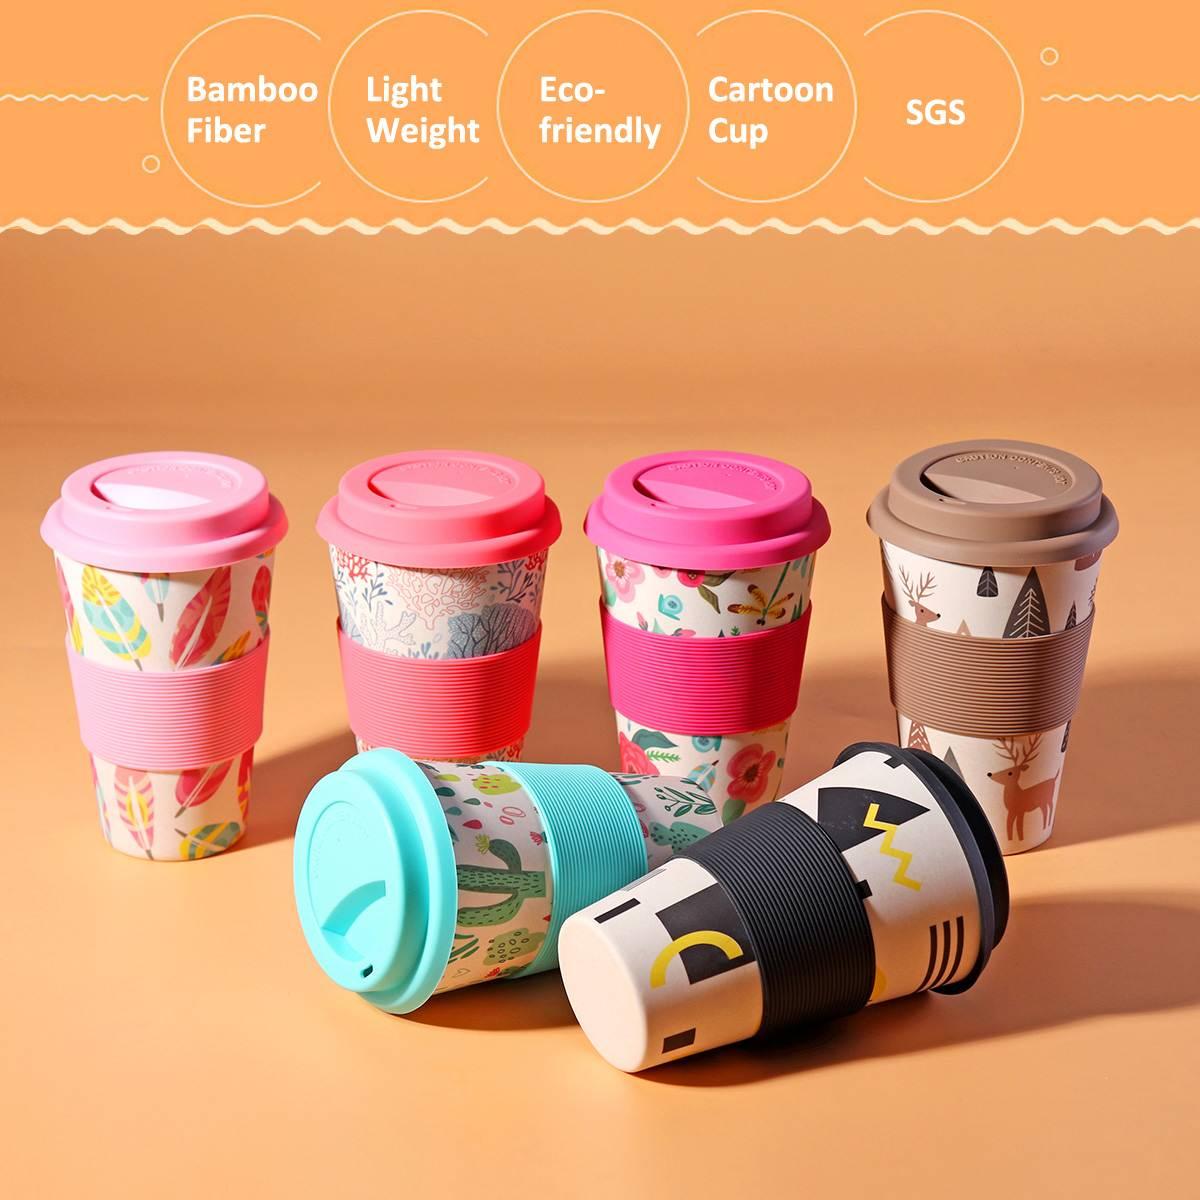 400ml Tragbare Praktische Mehrweg Bambus Faser Silikon Kappe Kaffee Tassen Eco Freundliche Non-slip Druck Reise Becher Nützlich